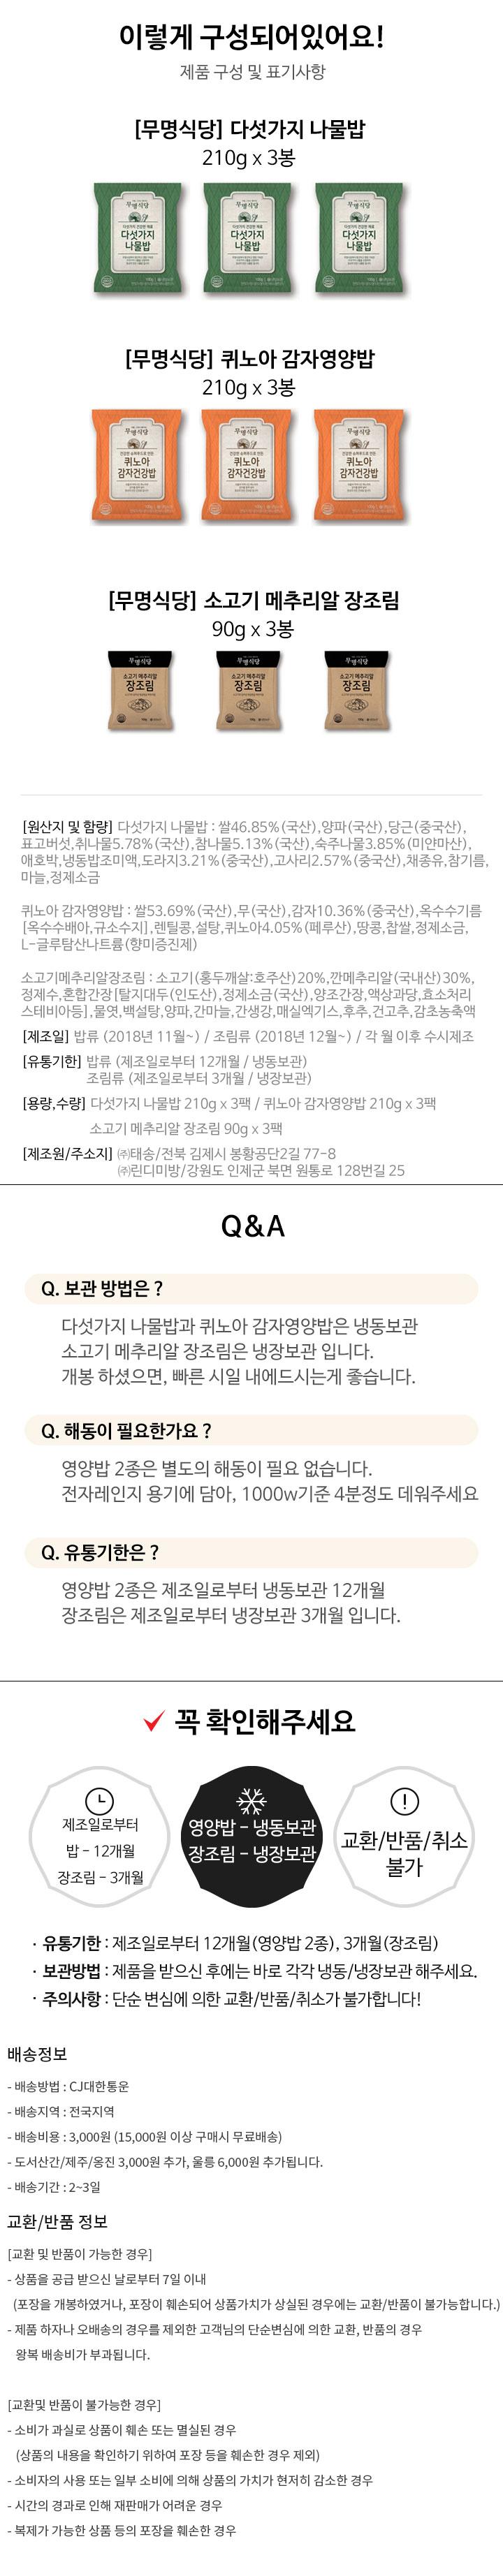 무명식당-상품정보.jpg